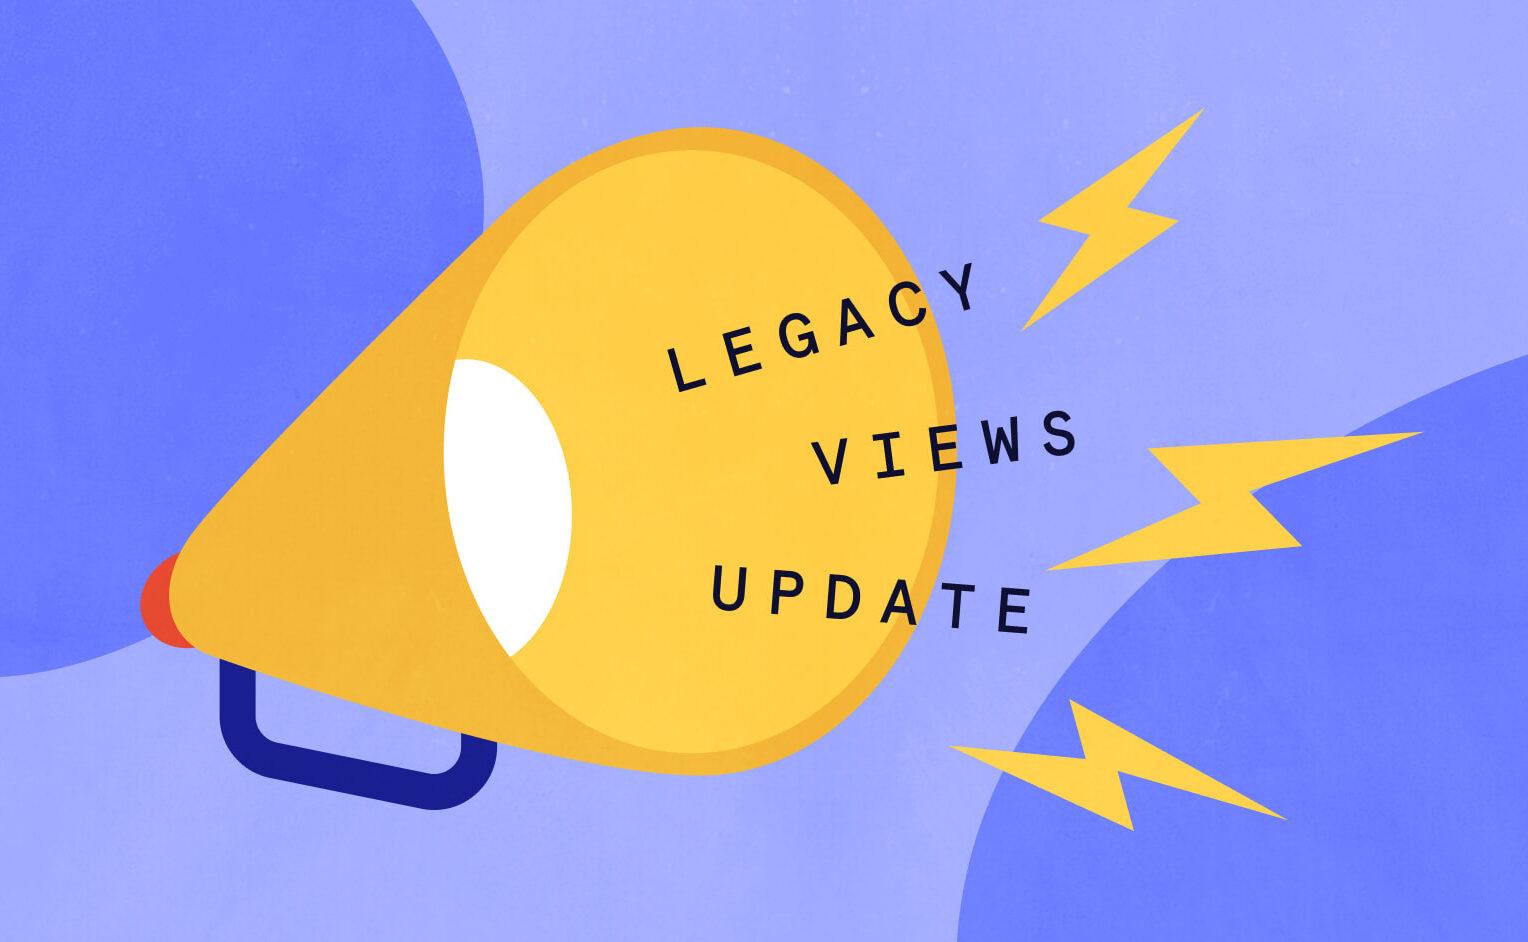 Legacy Views Update